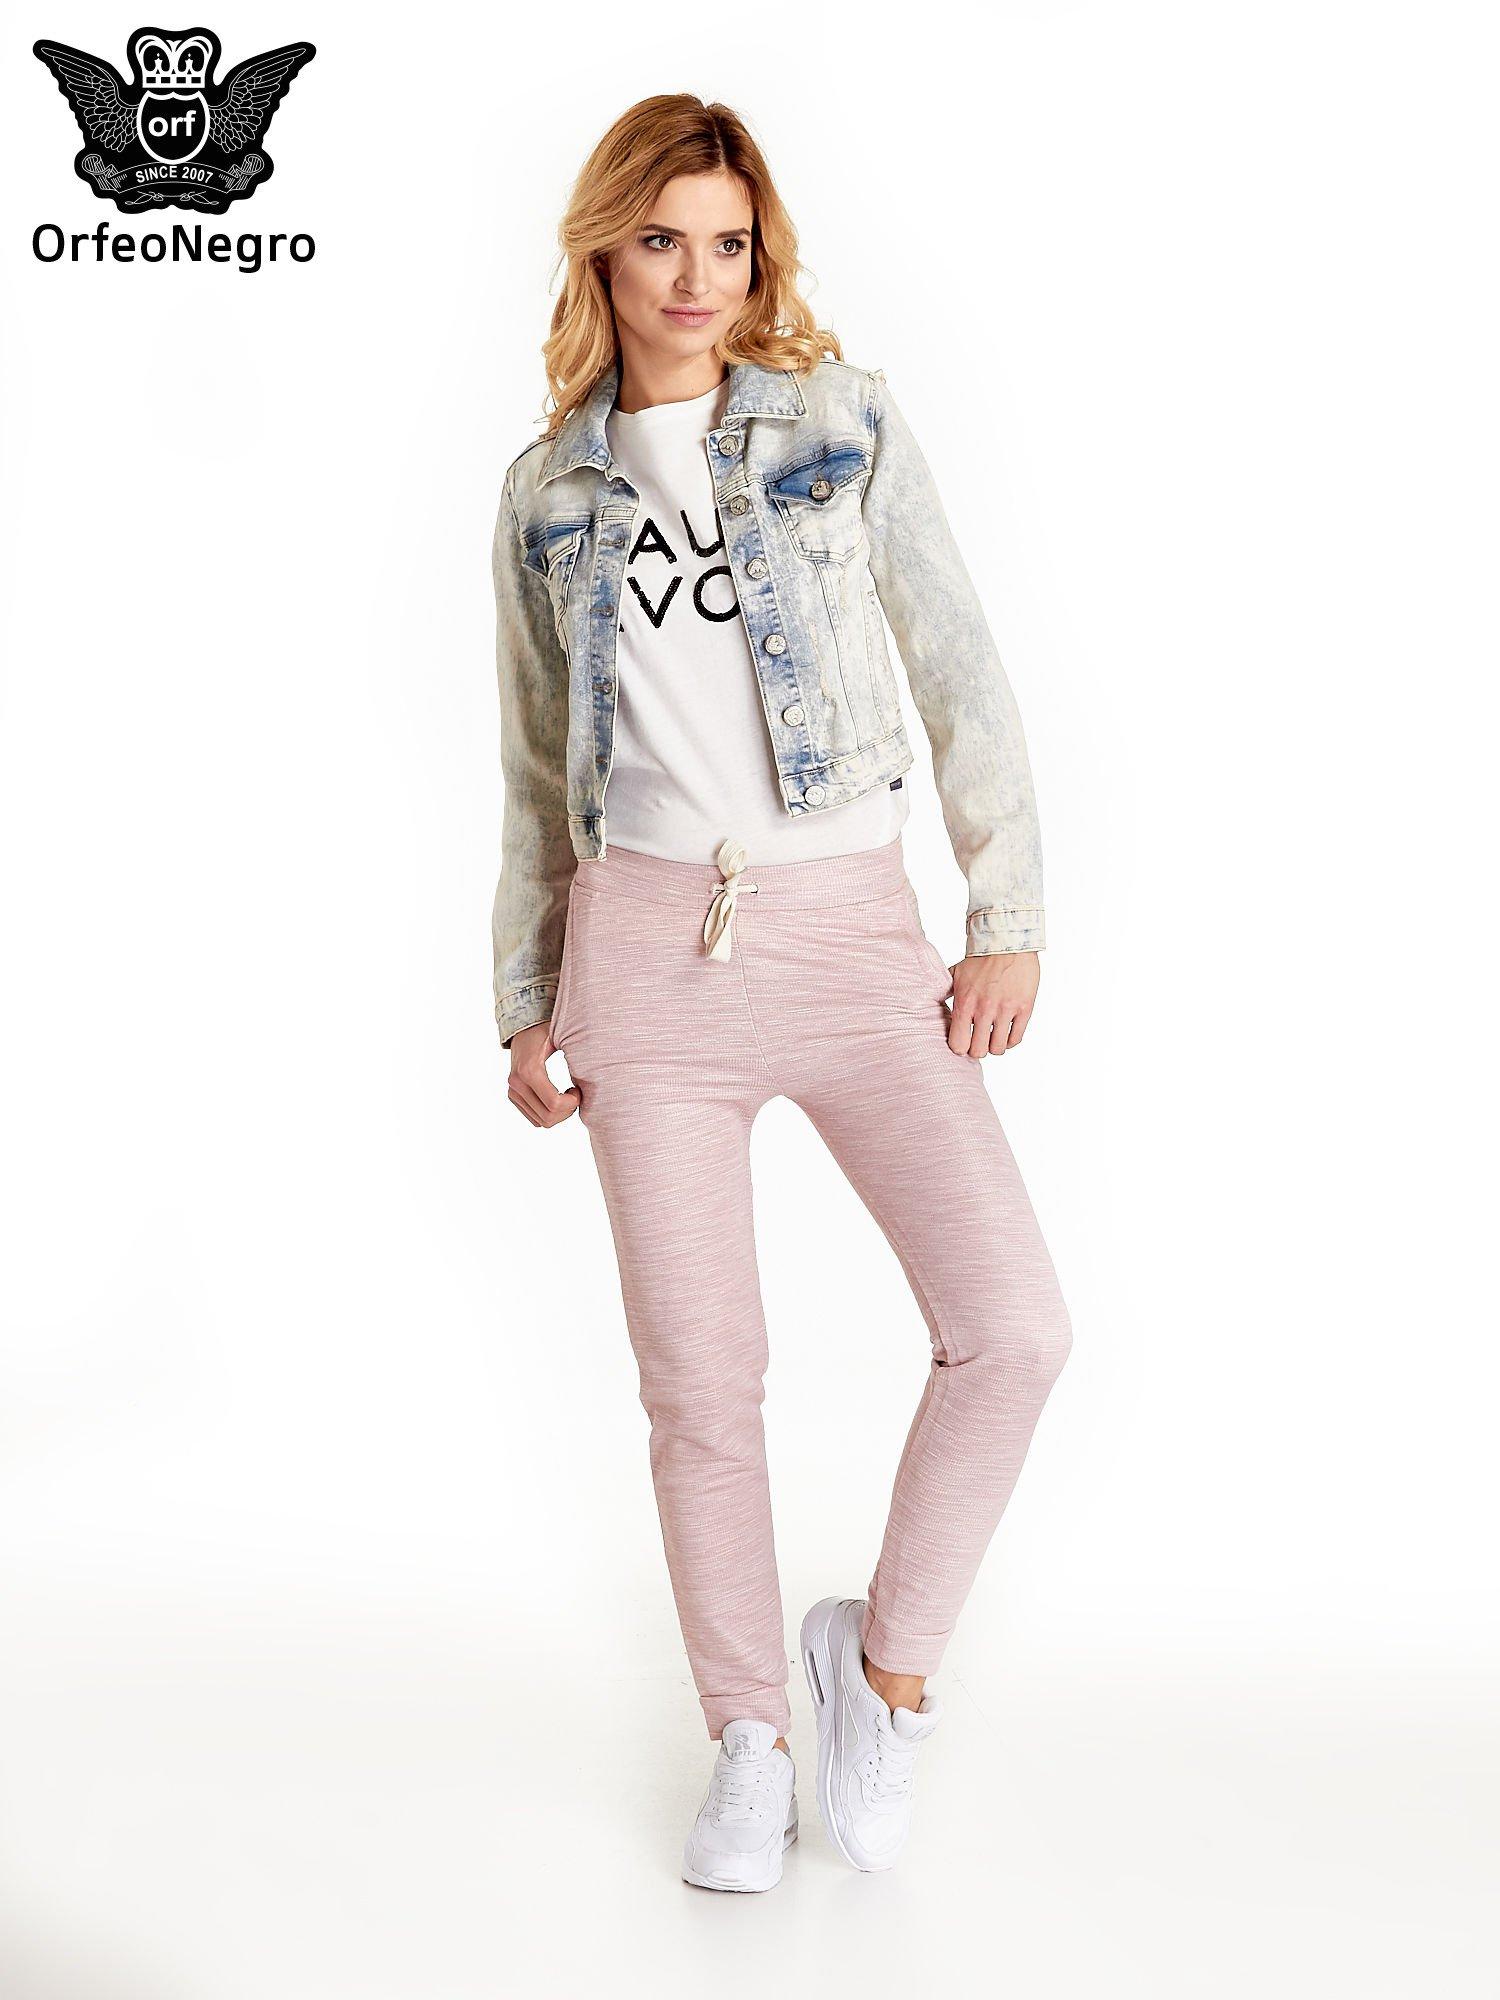 Jasnoniebieska kurtka jeansowa damska marmurkowa z kieszeniami na patki                                  zdj.                                  2